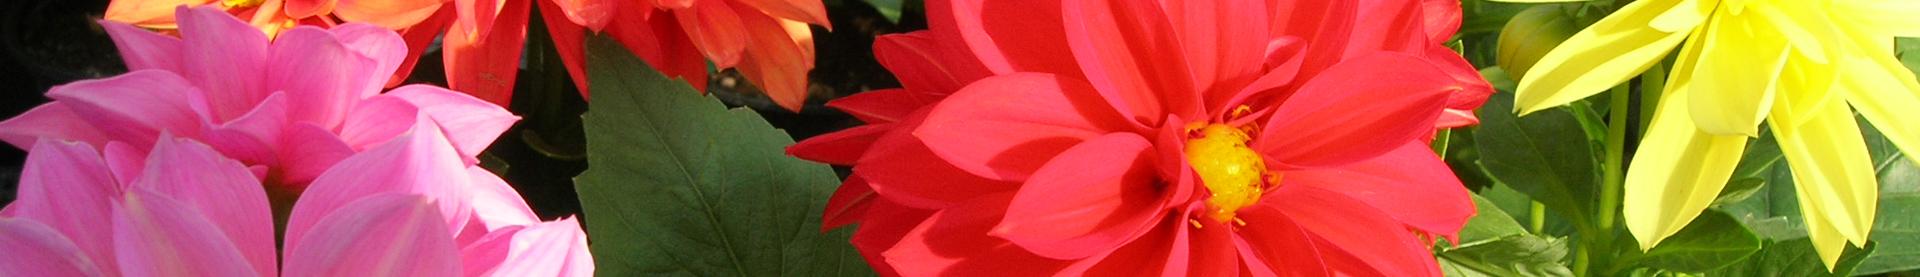 12 rośliny zimowe i wczesno wiosenne florens opole